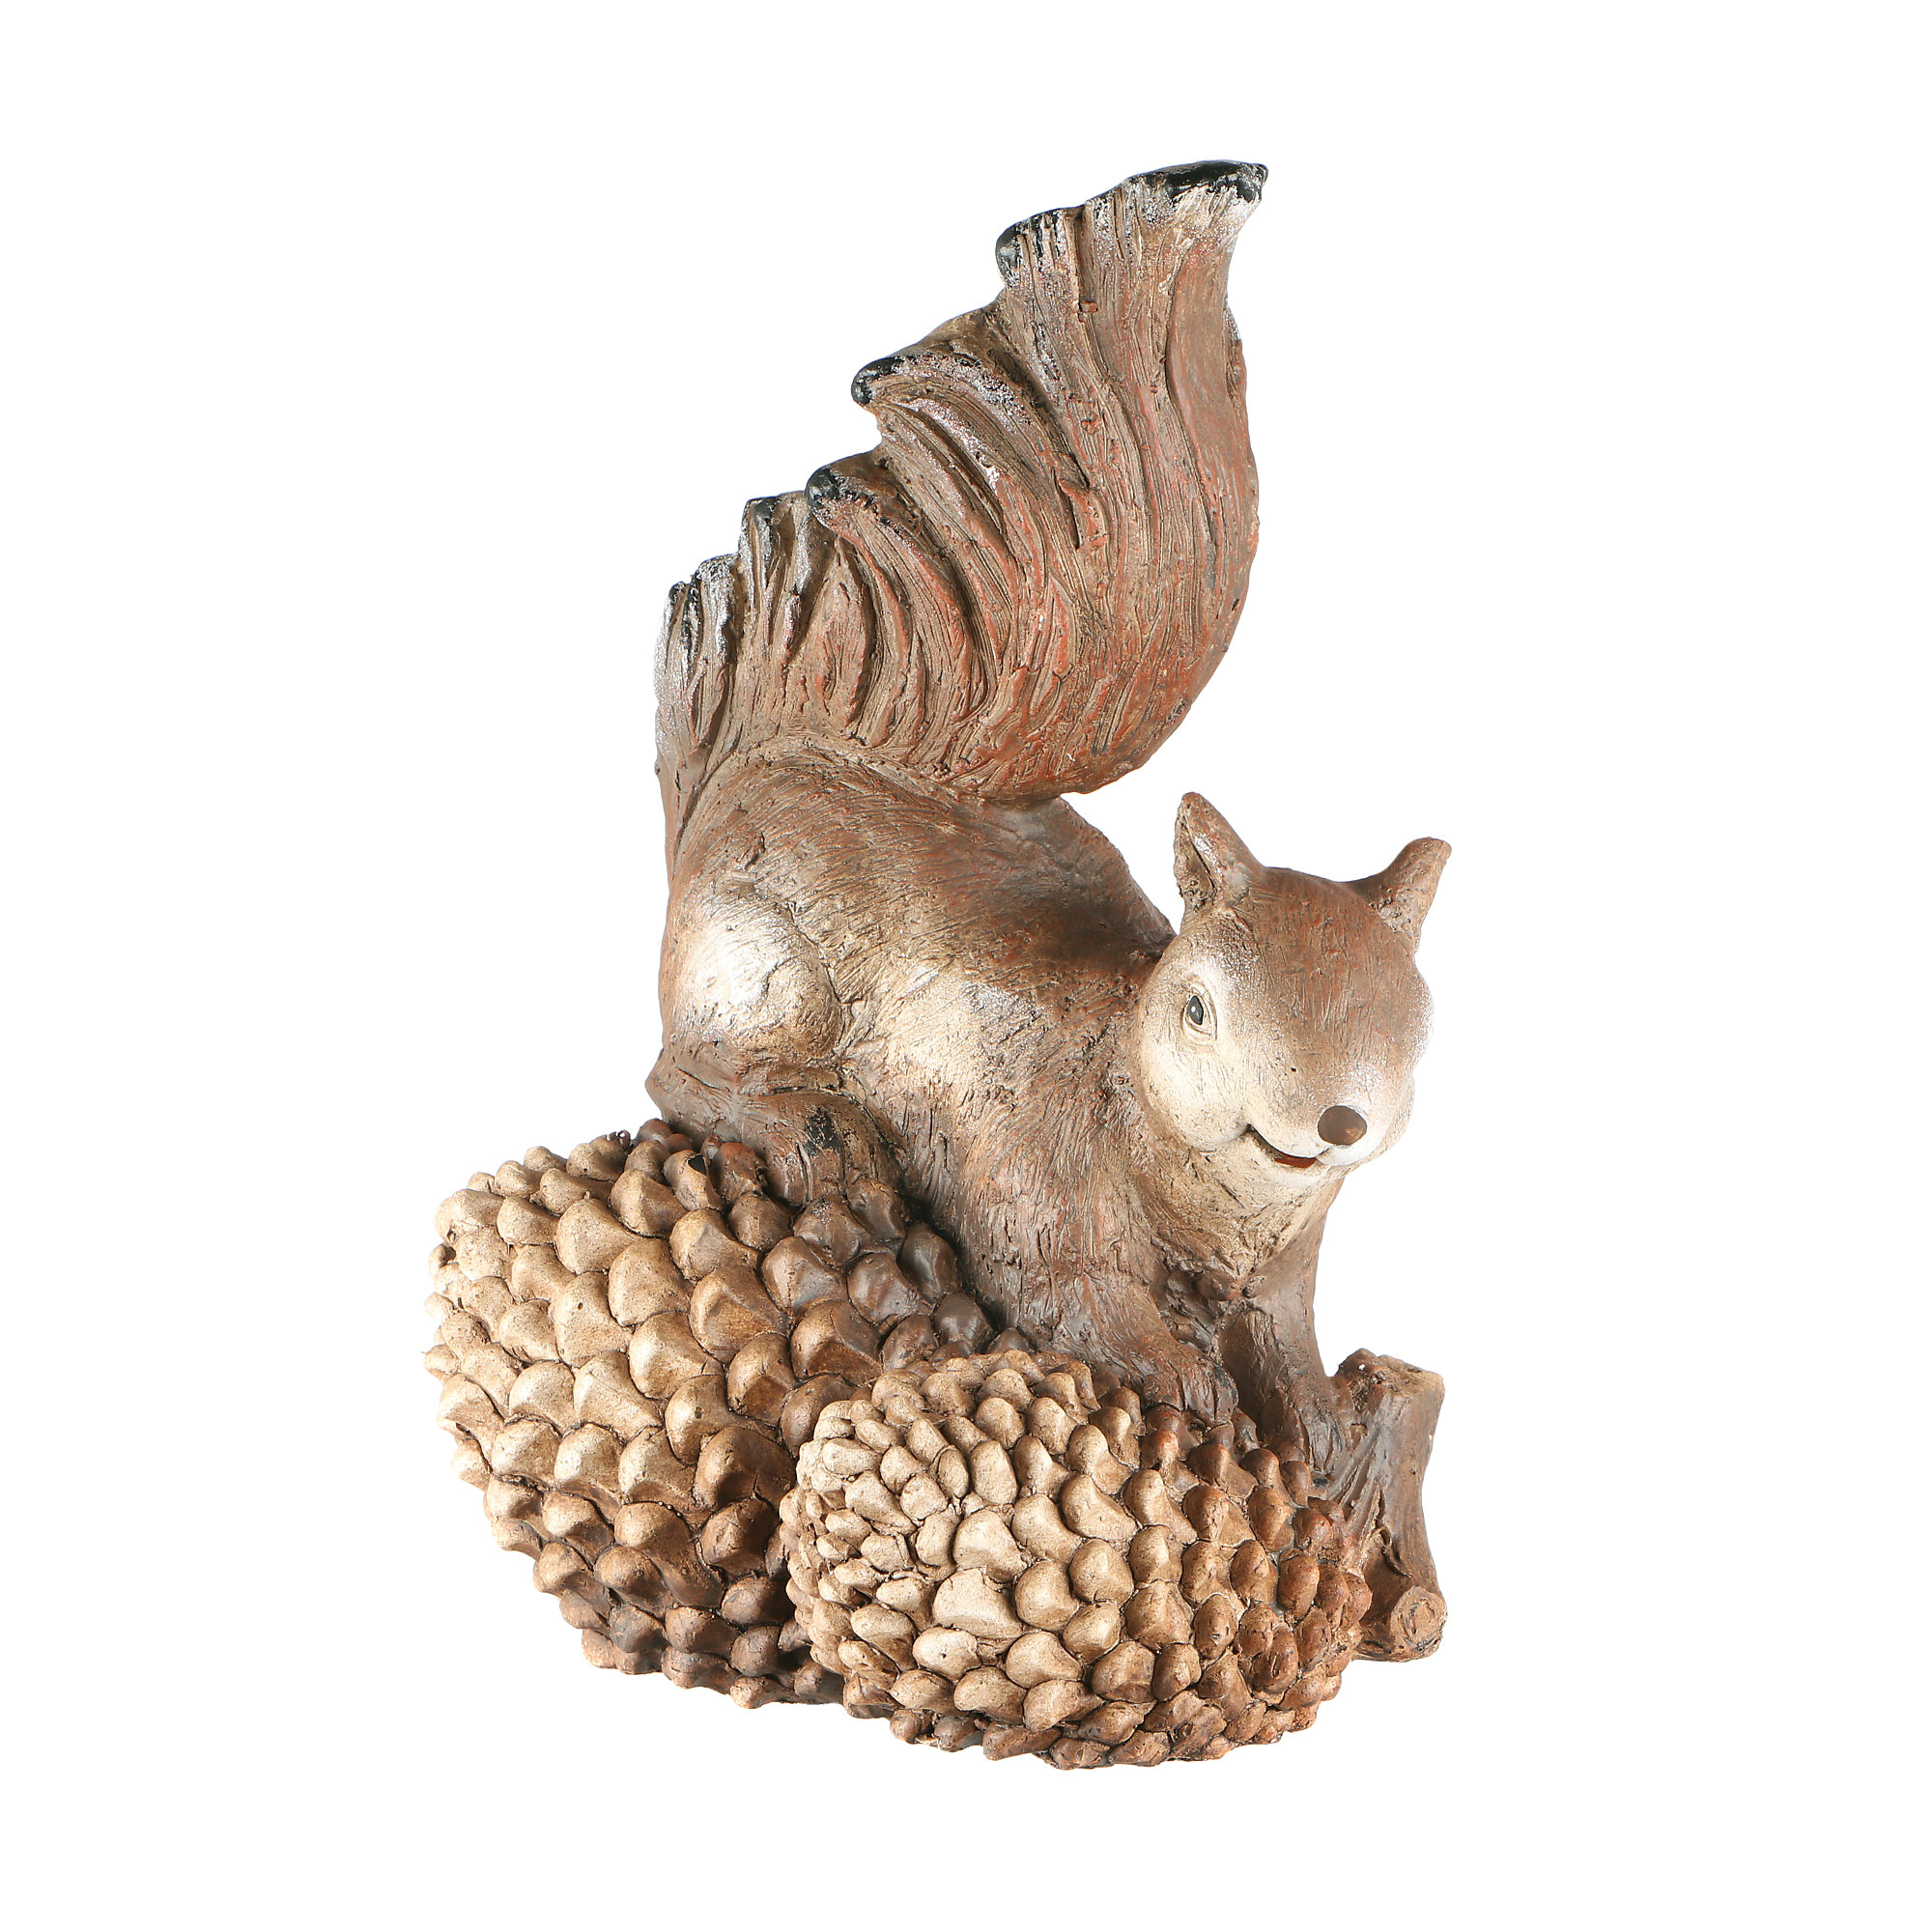 Фигура садовая Foryou craft белка с шишками 26х20х41см садовая фигура белка с шишками 24х14х19см 4870383